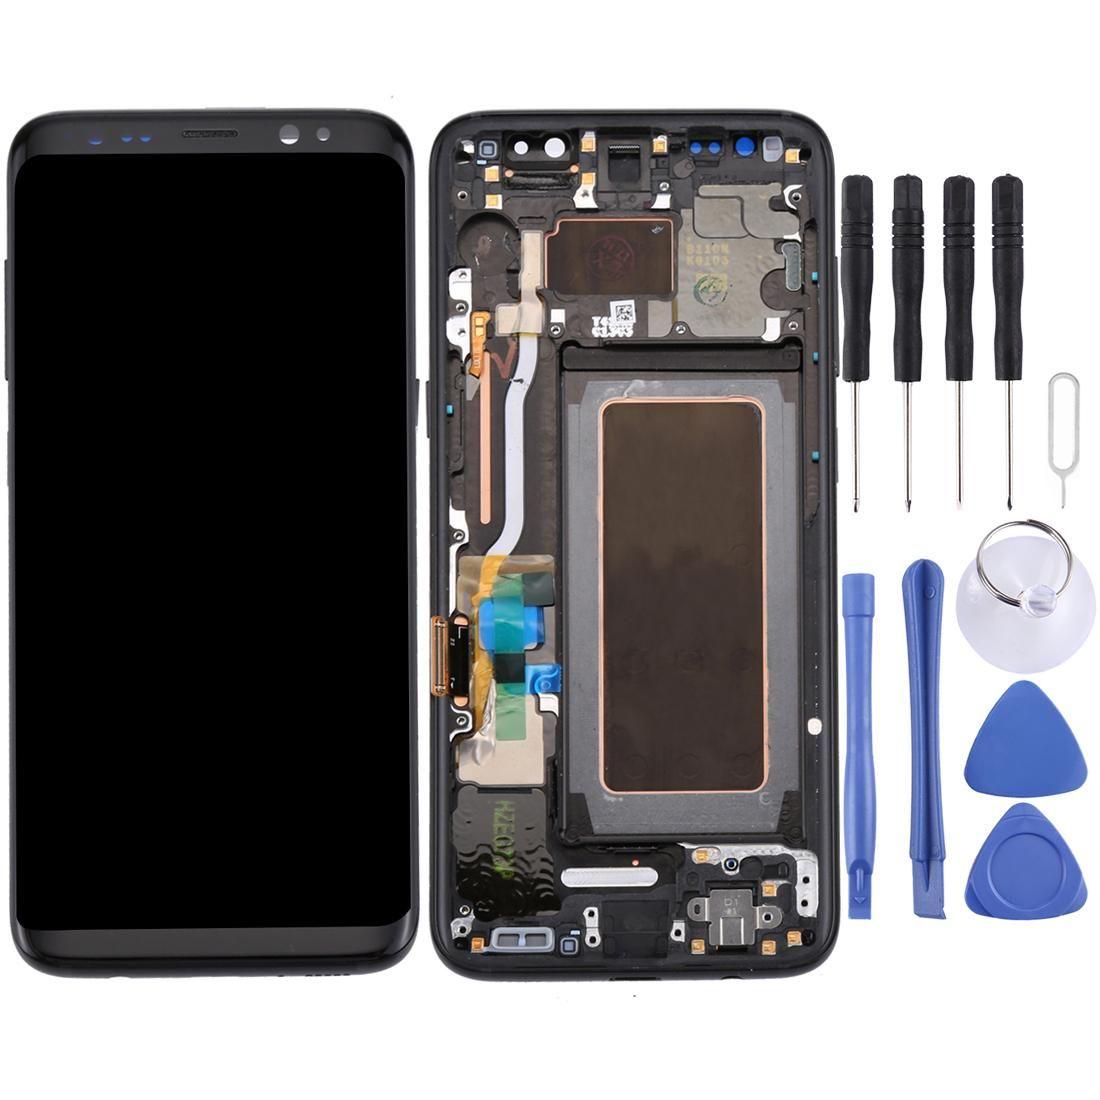 Ecran LCD d'origine d'origine écran tactile avec cadre pour Galaxy S8 G950 G950F G950FD G950U G950A G950P G950T G950V G950R4 G950W G